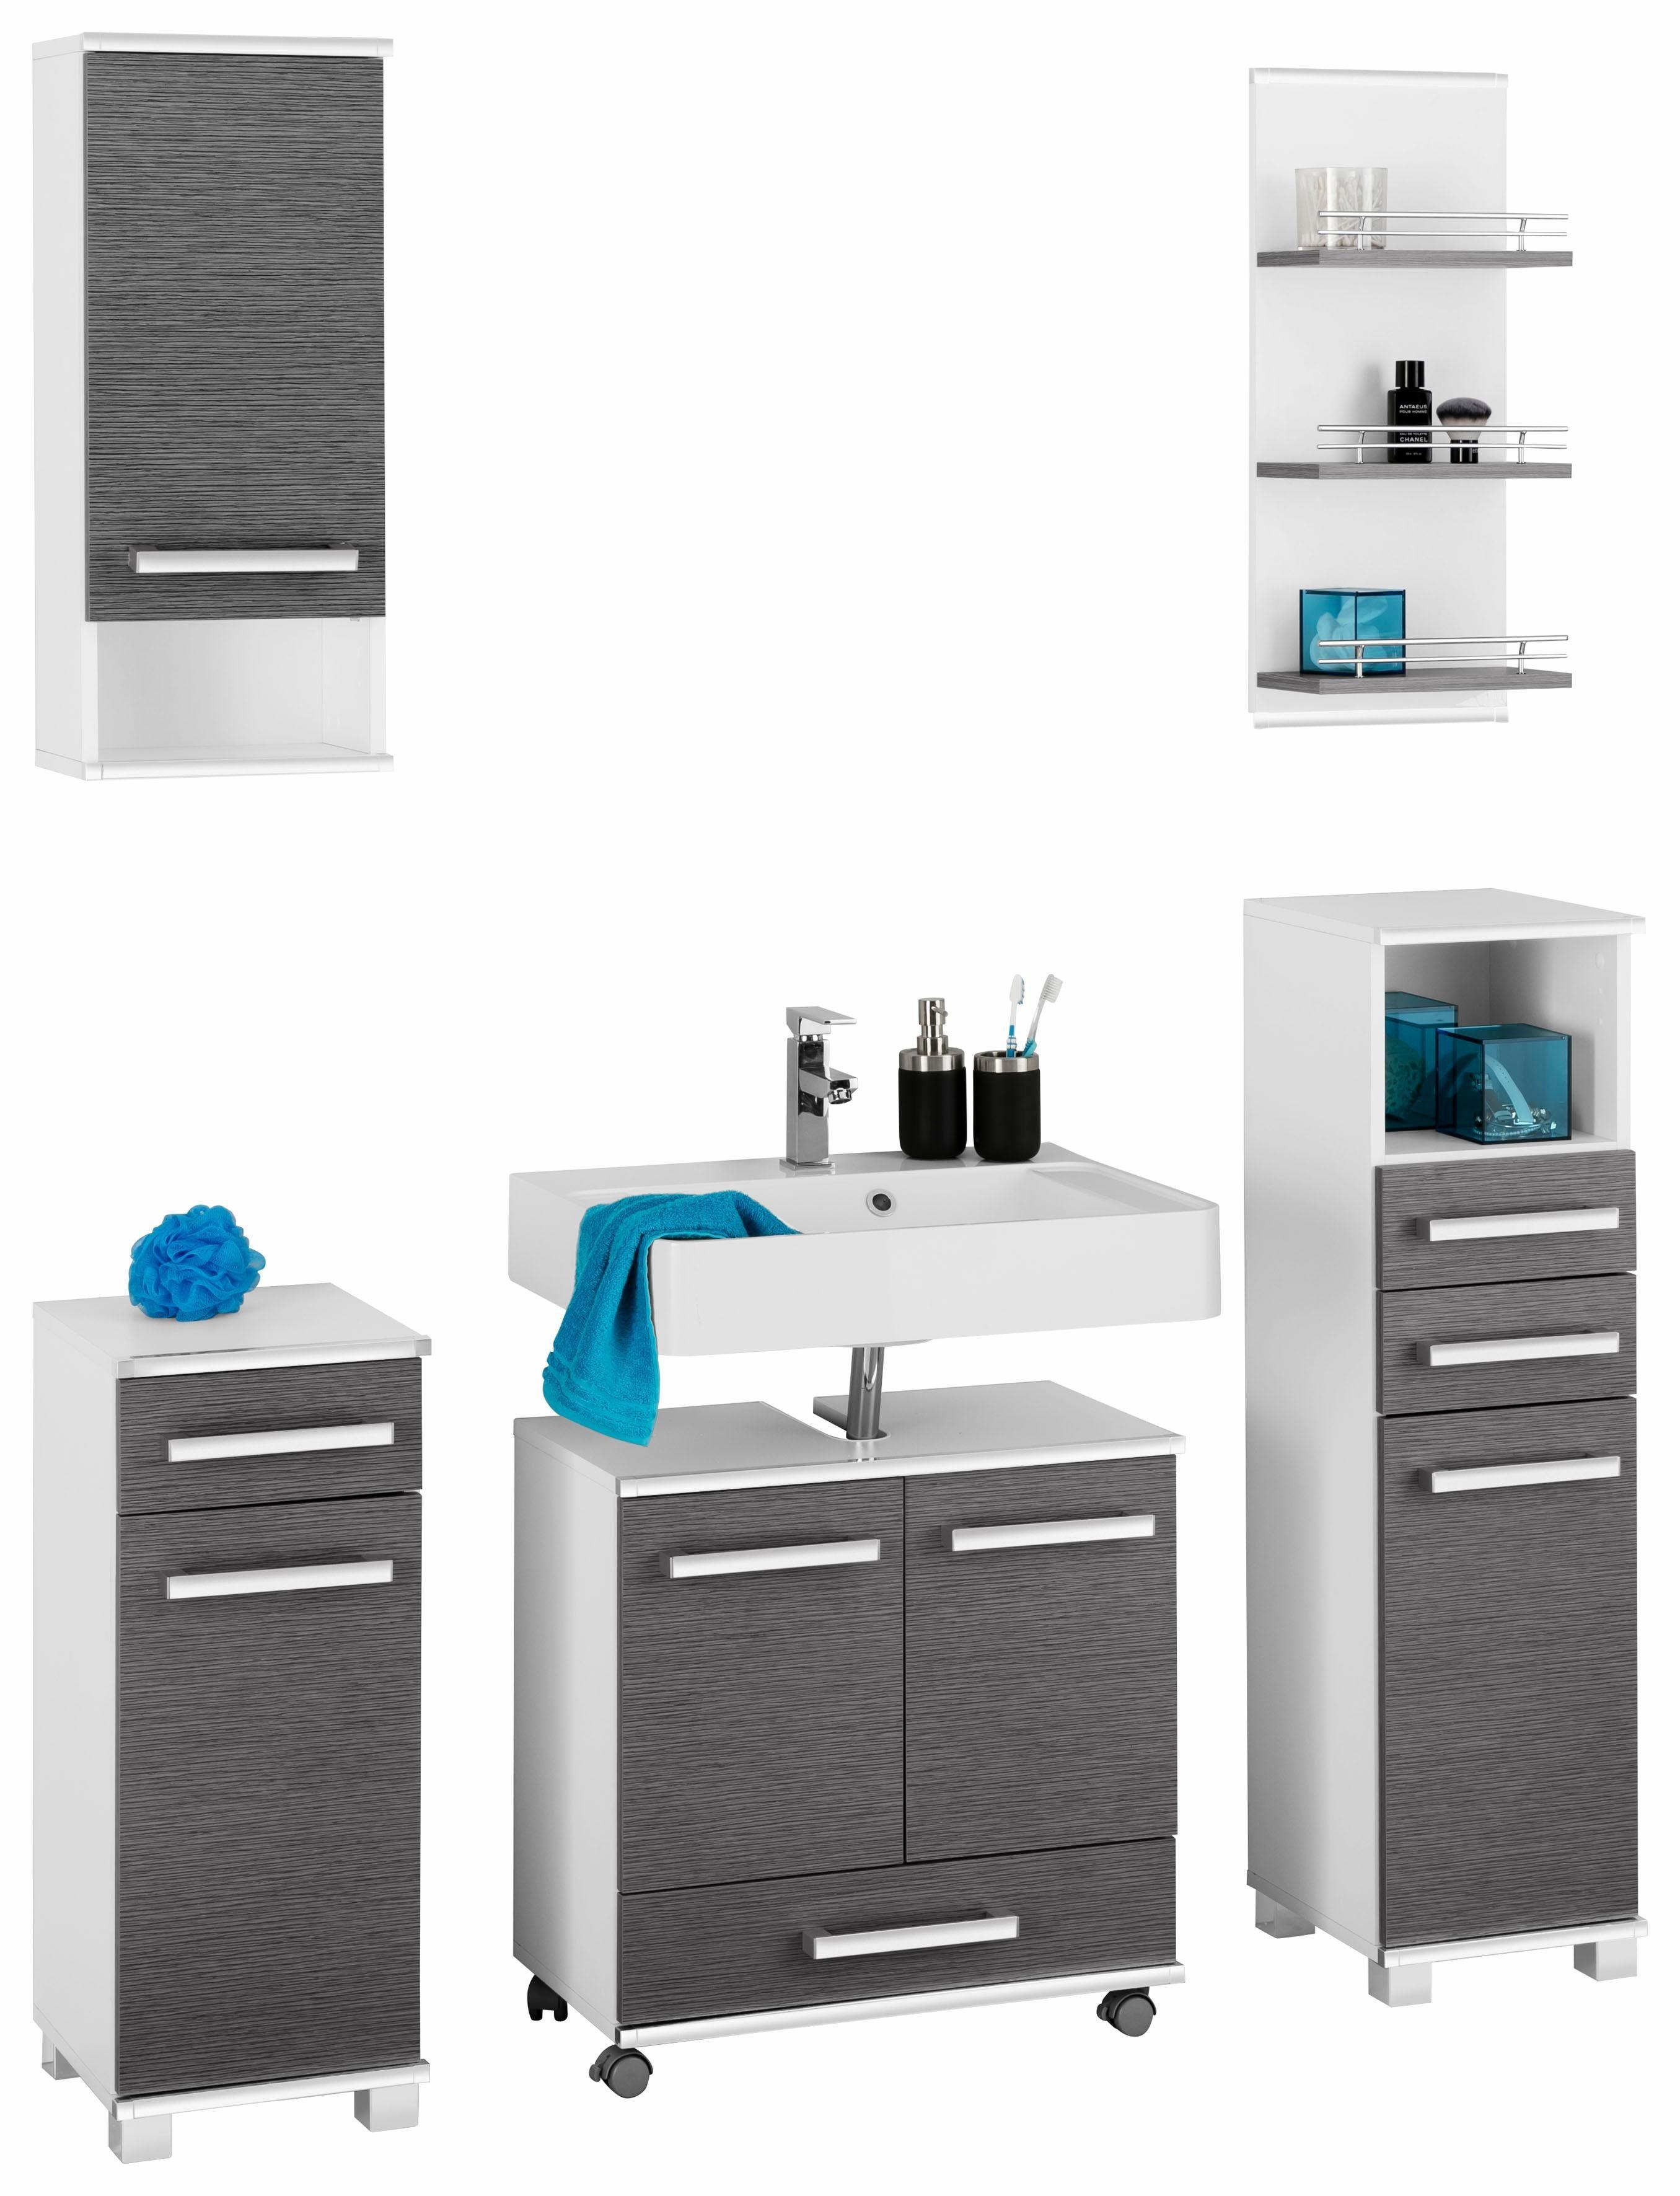 badm bel preisvergleich die besten angebote online kaufen. Black Bedroom Furniture Sets. Home Design Ideas